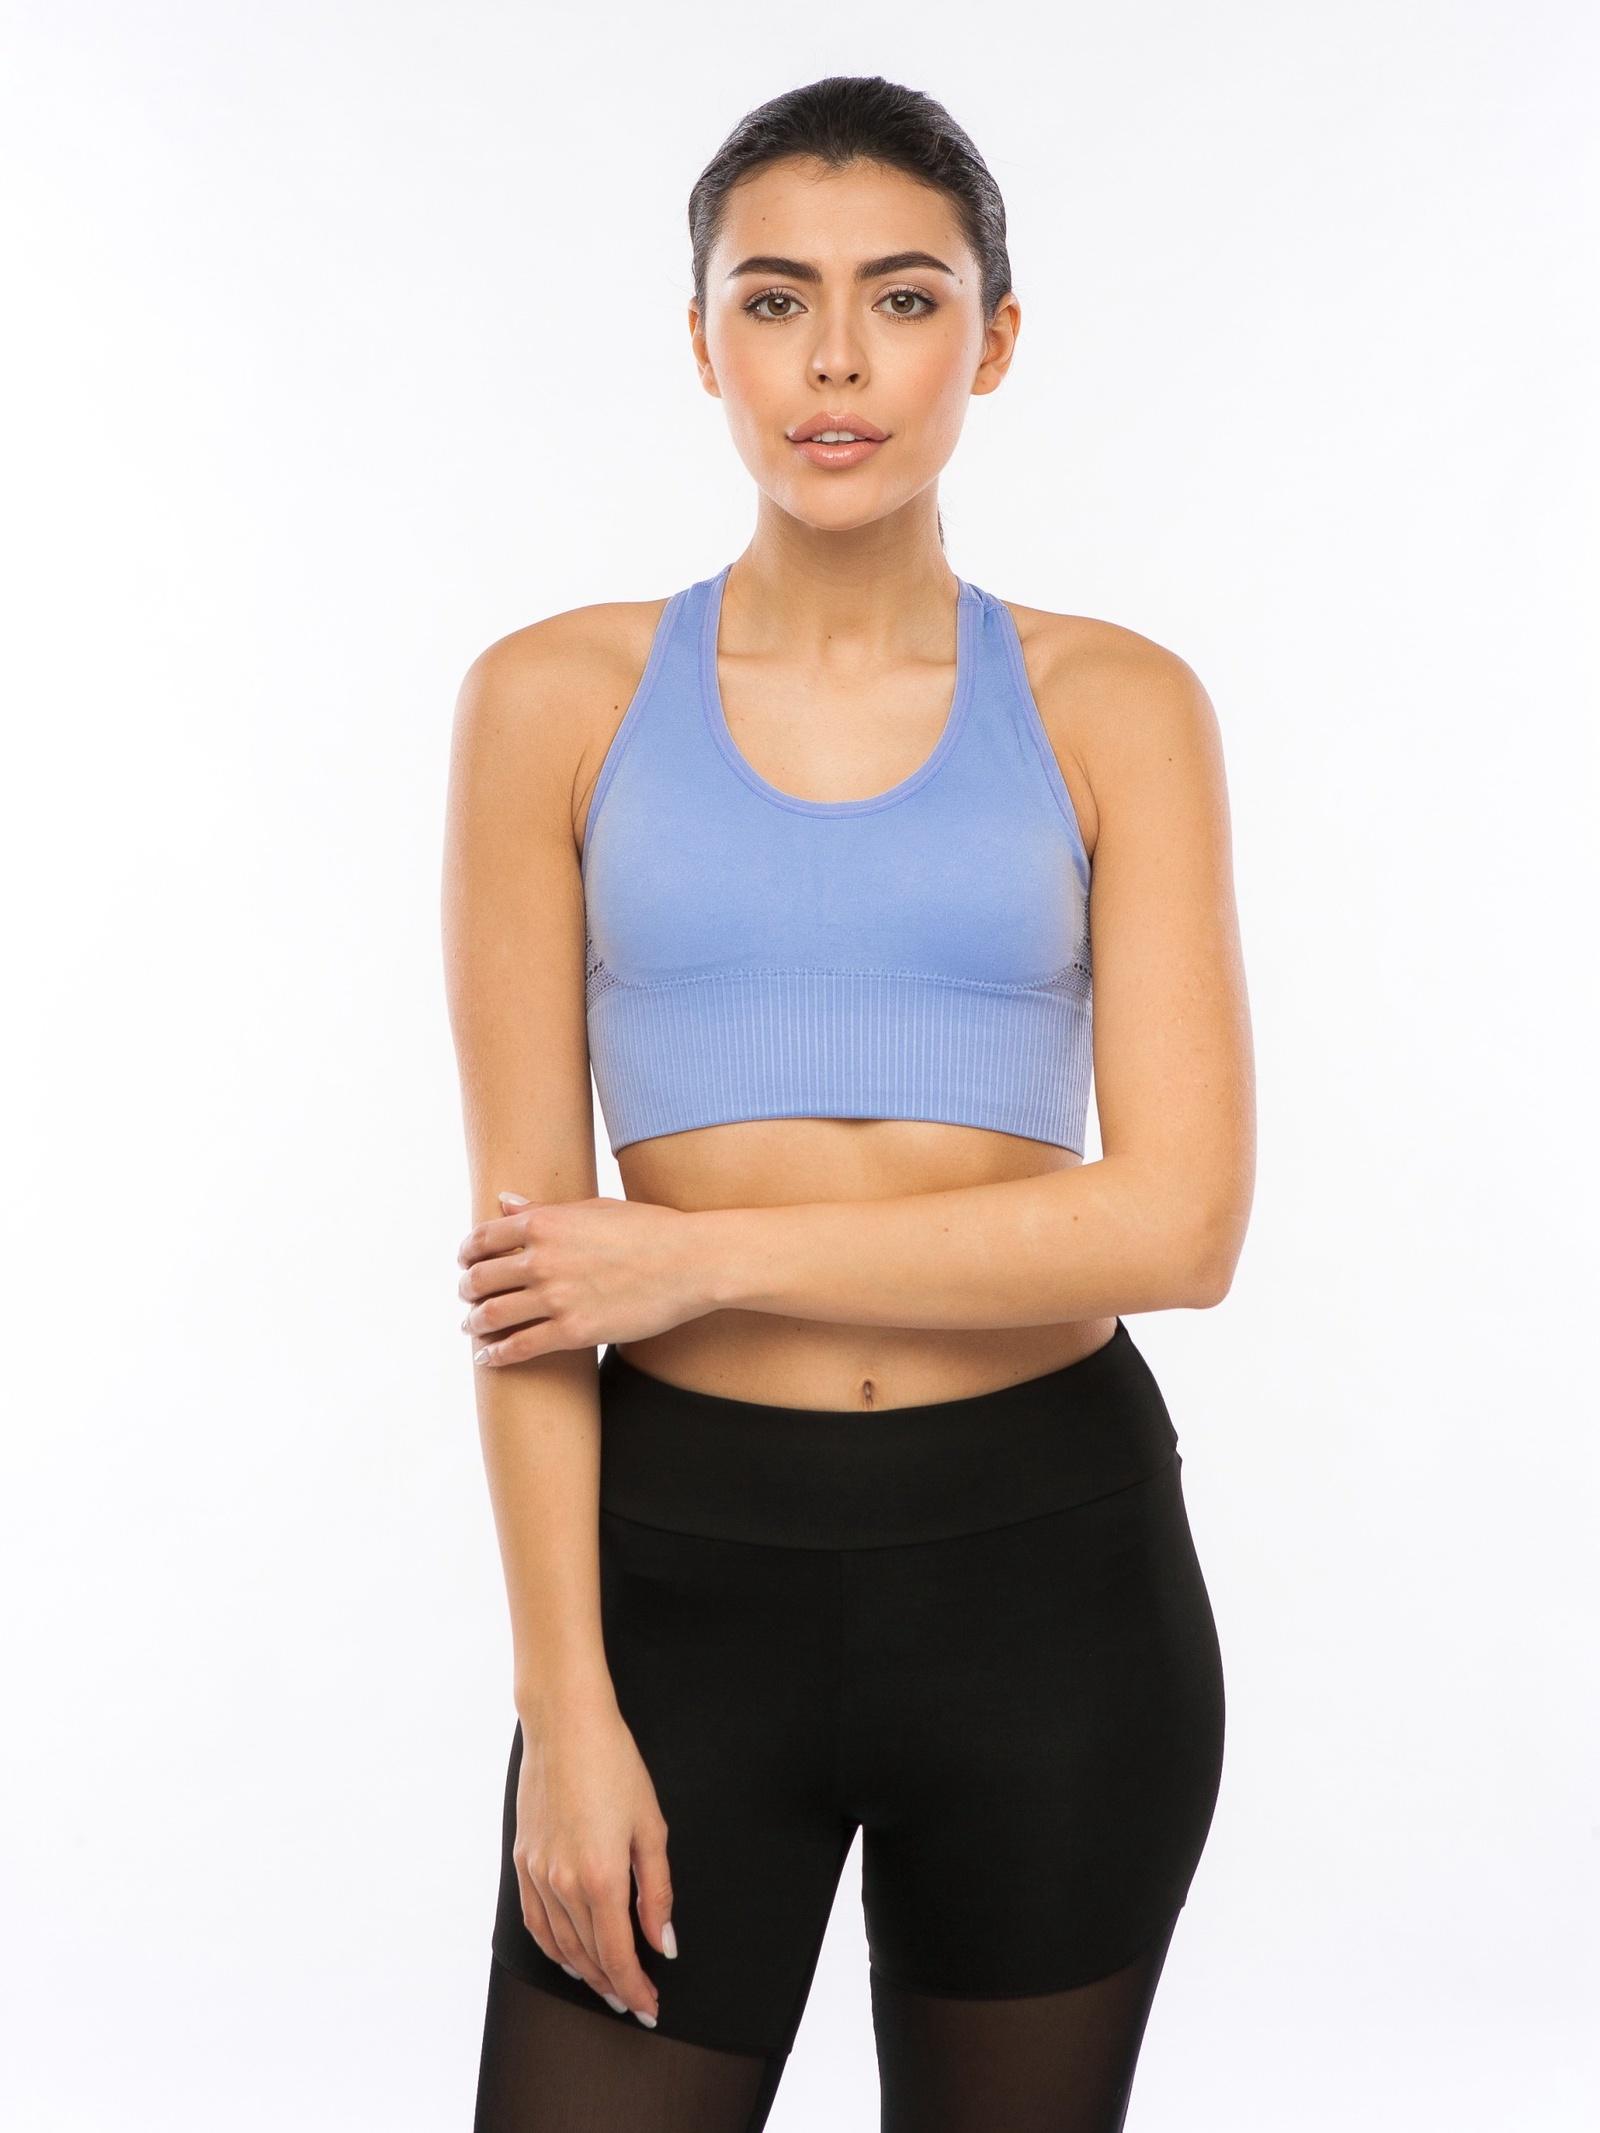 Фото - Топ Pro-fit топ женский pro fit цвет черный оконтовка размер 40 42